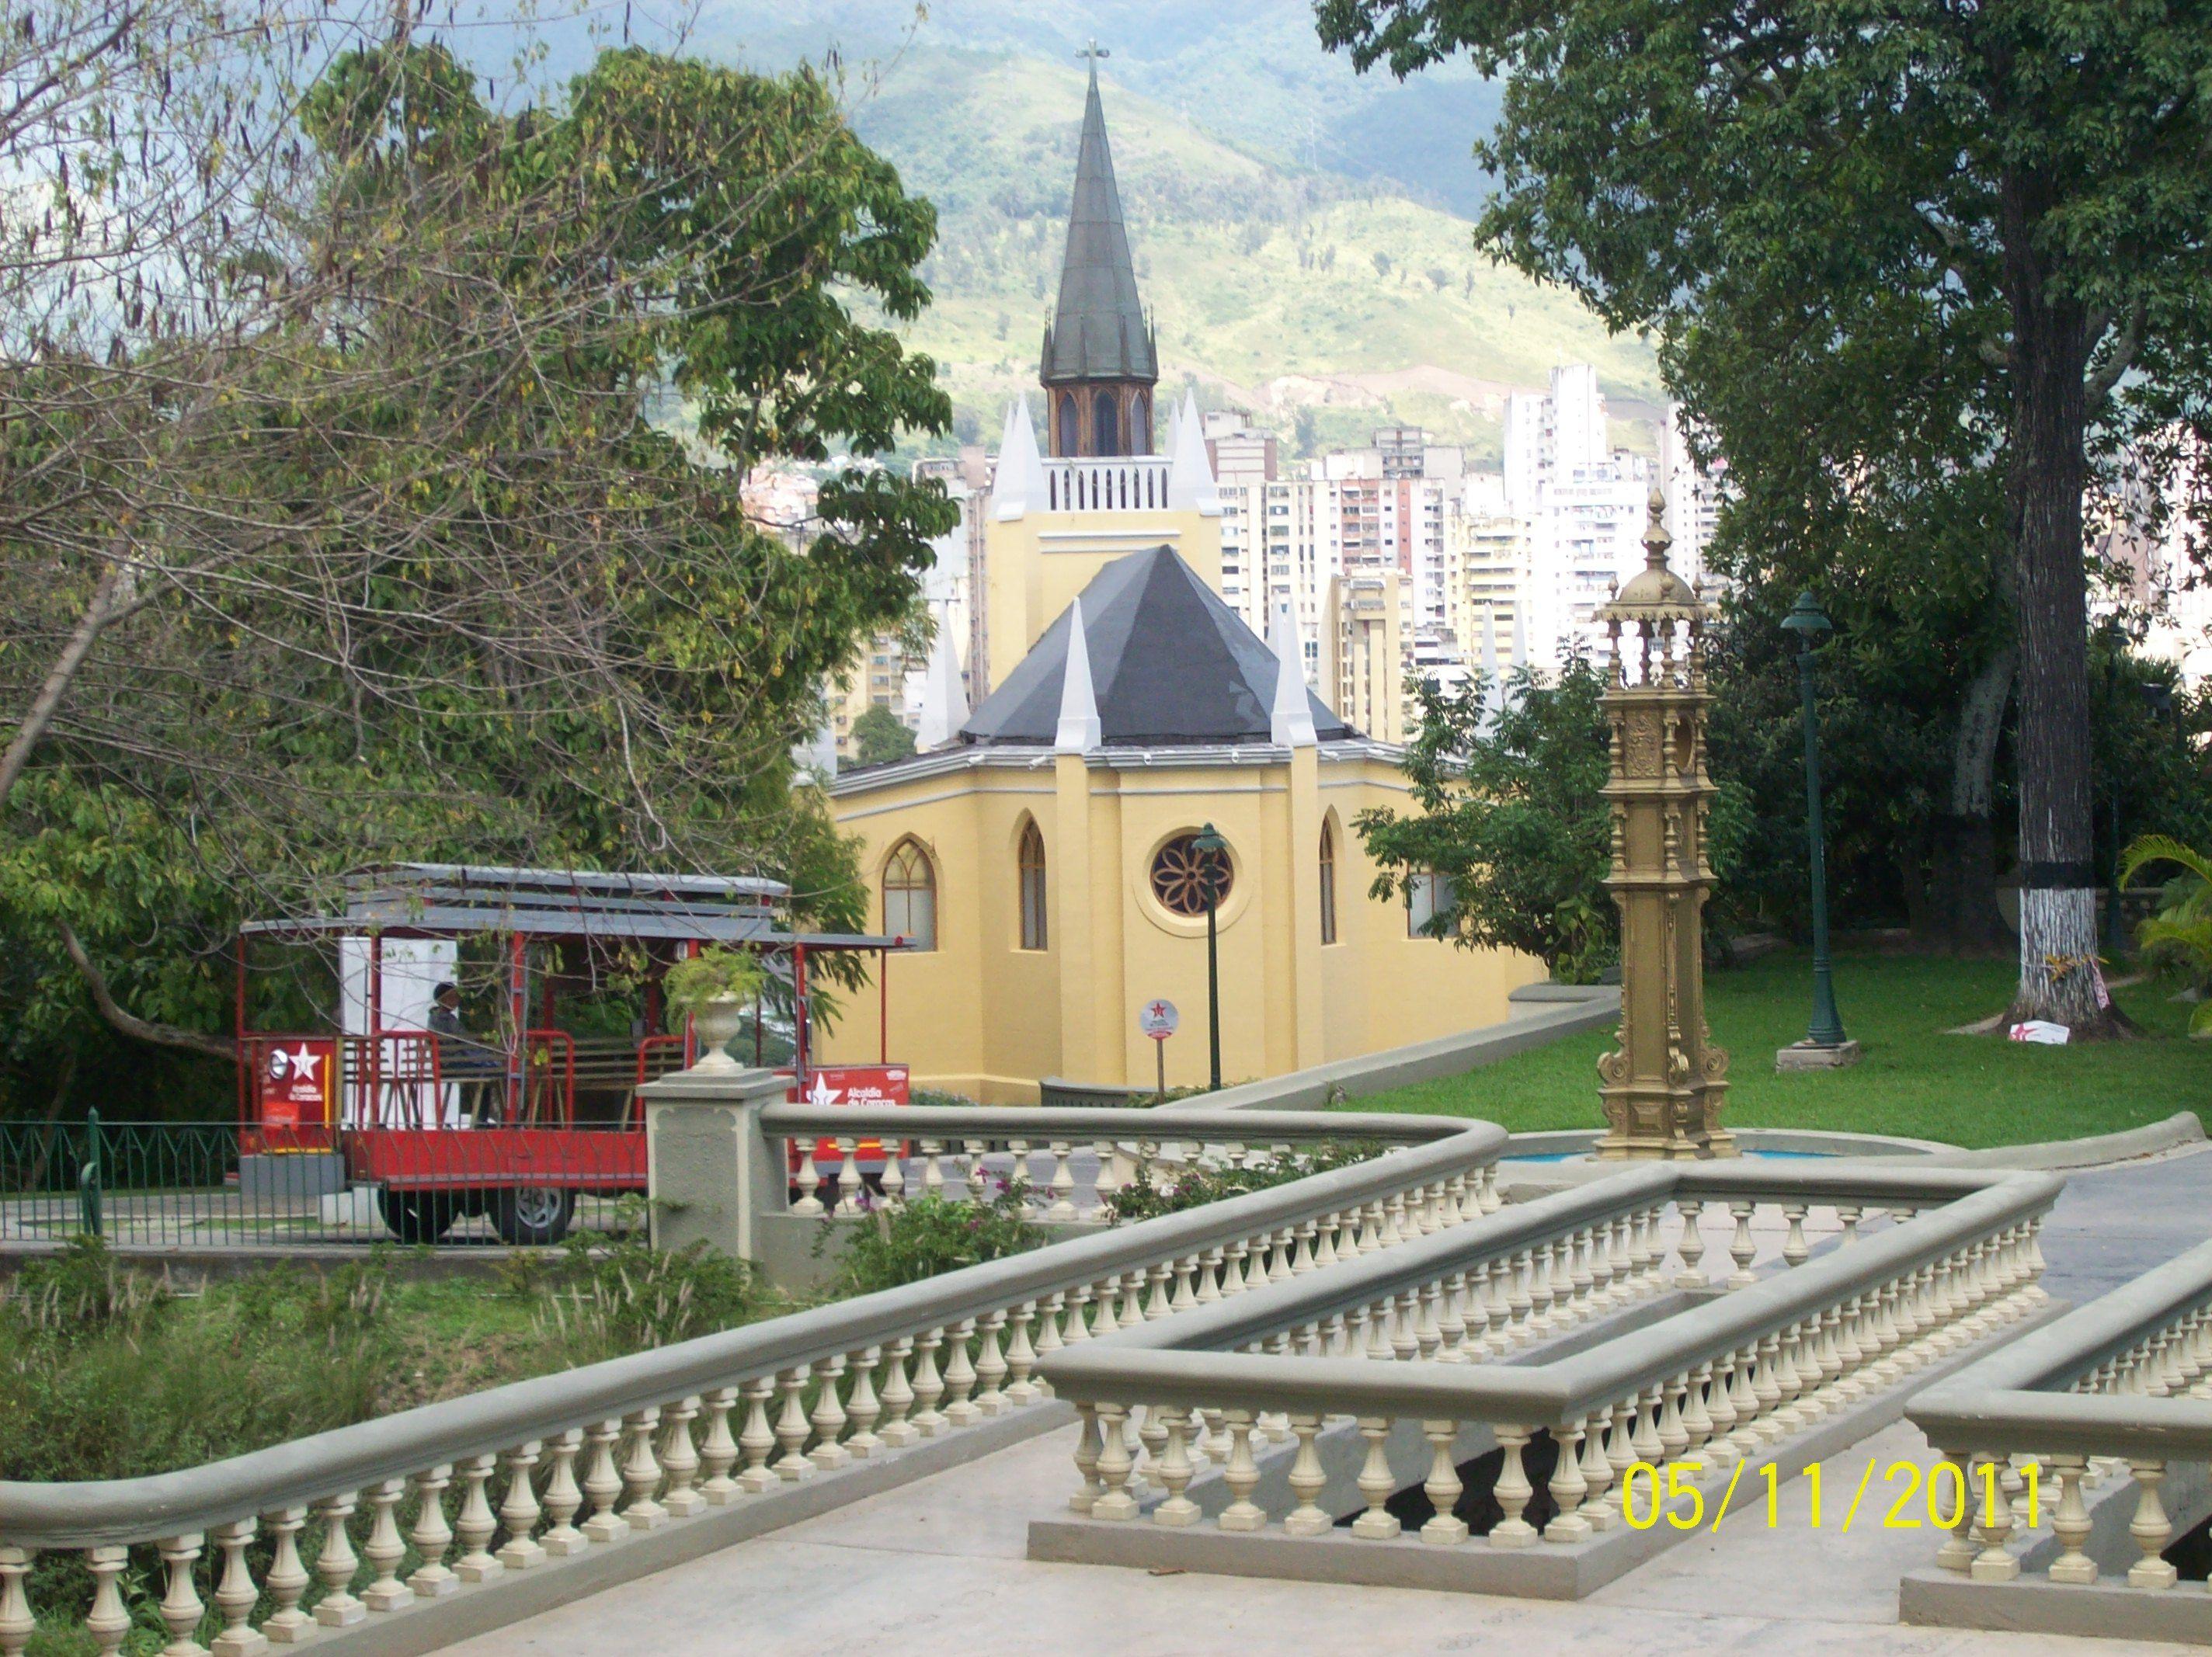 Capilla Nuestra Sra De Lourdes Parque El Calvario Caracas Venezuela House Styles Mansions House